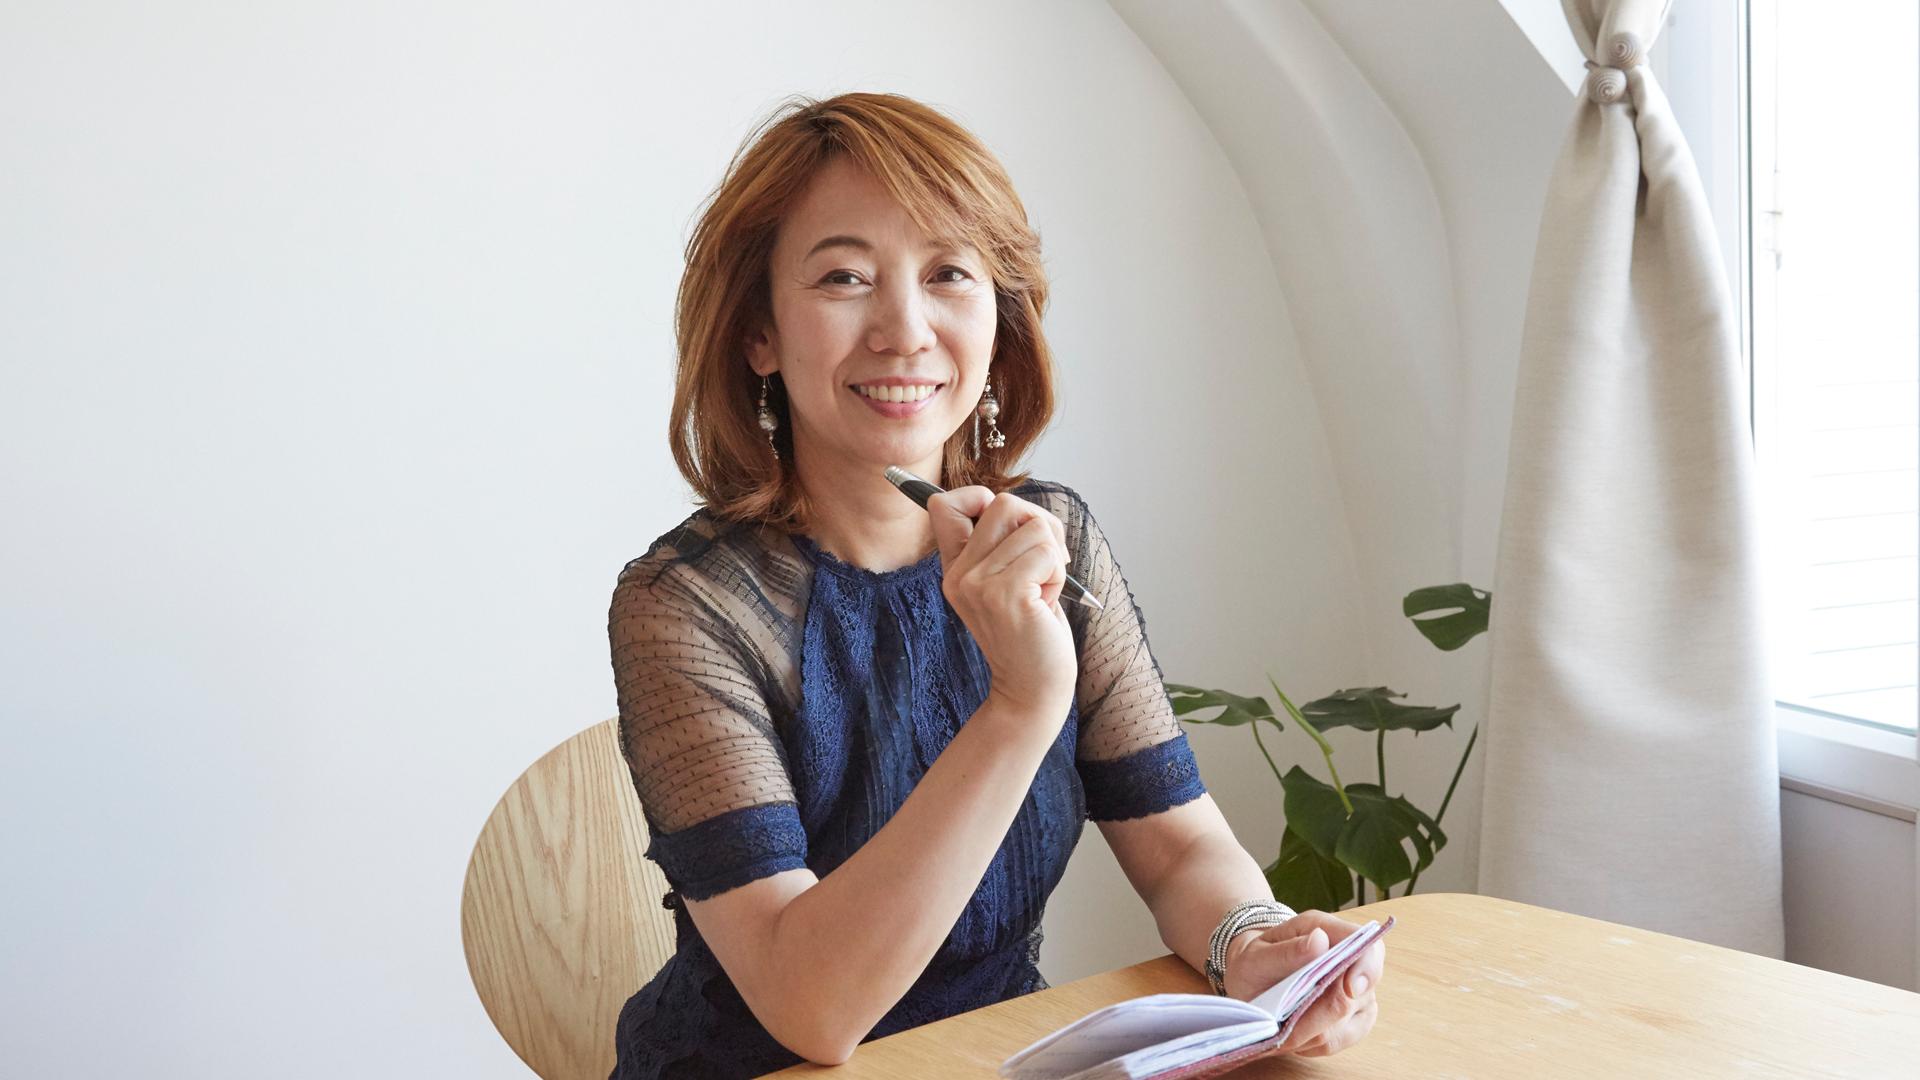 へそ道®️考案者 入江富美子